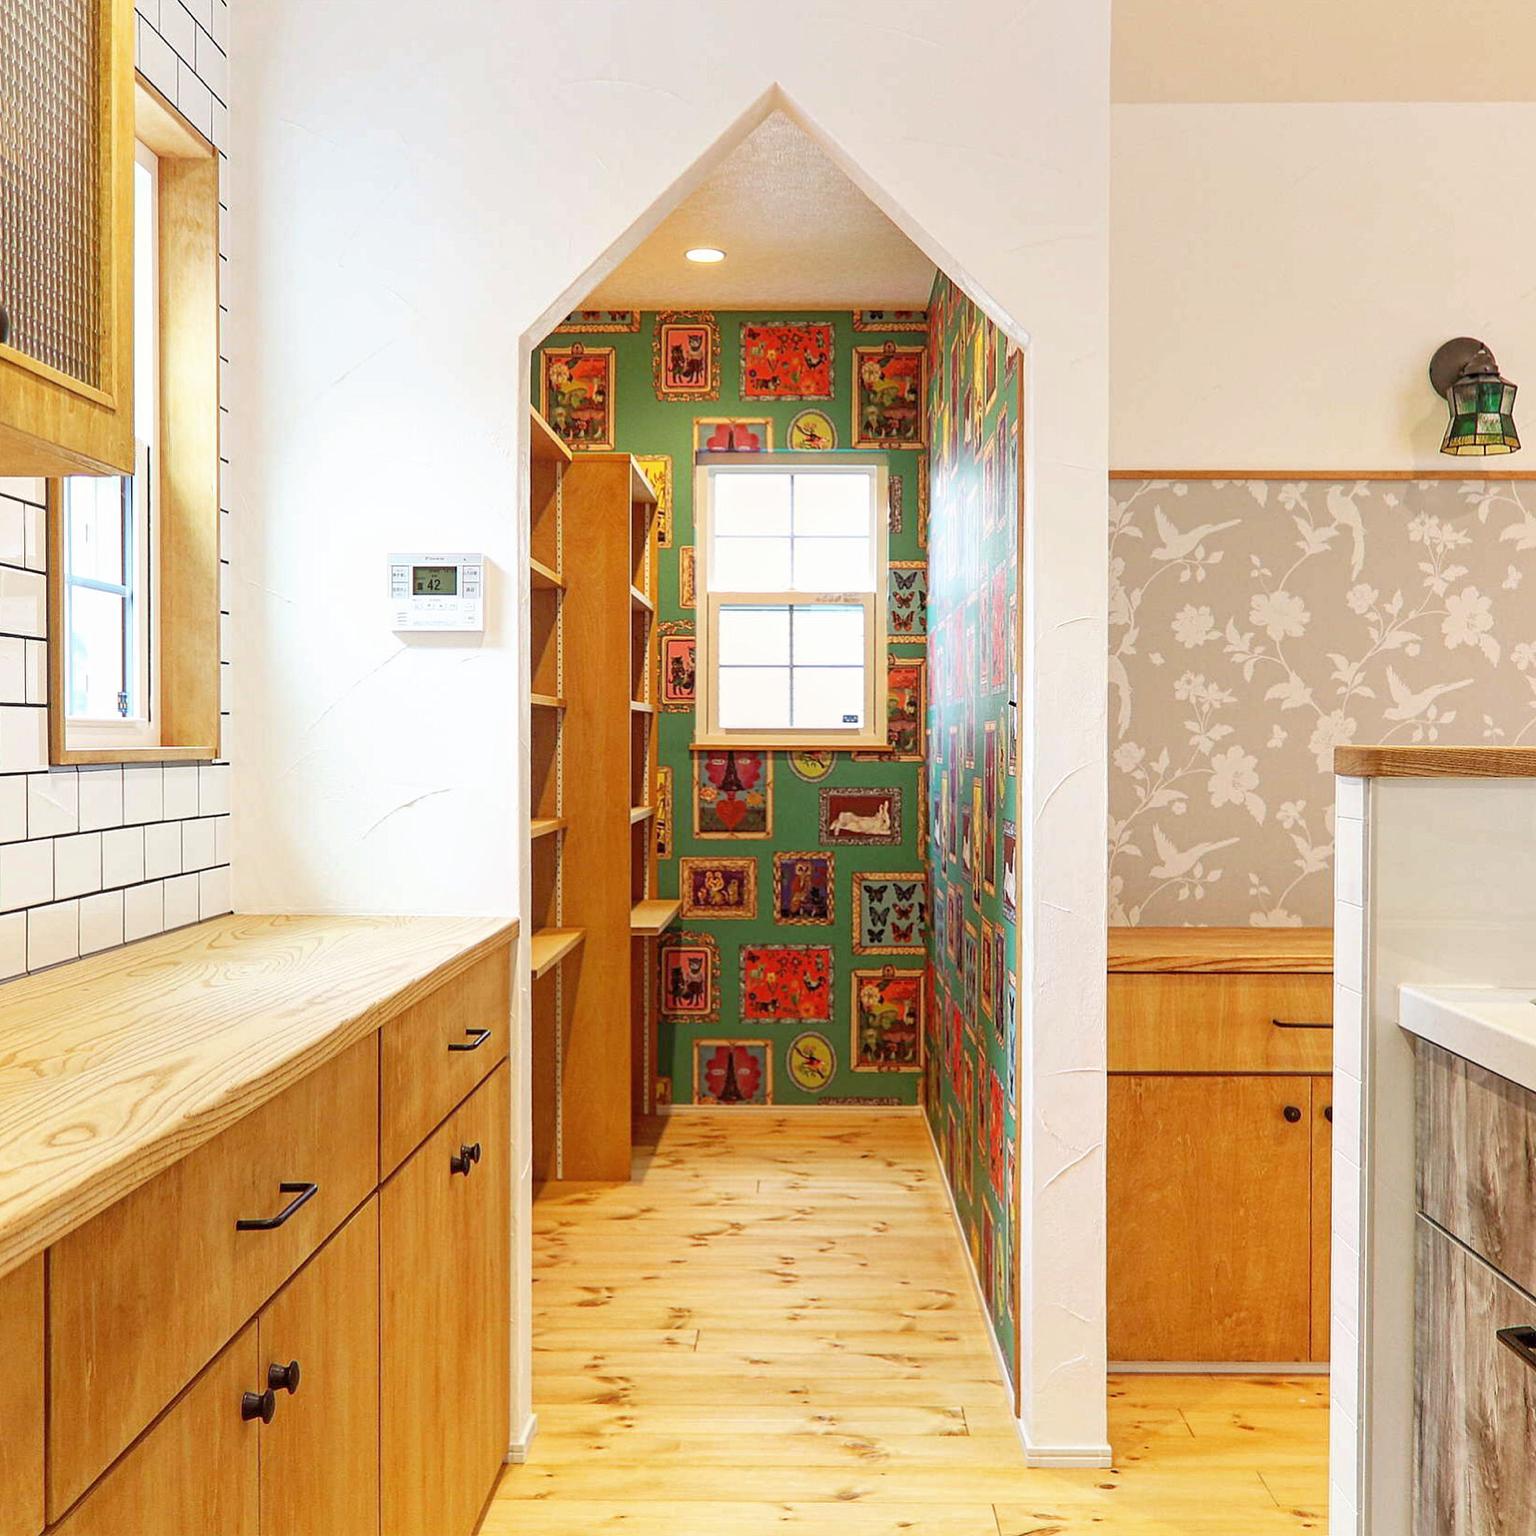 ナタリーレテの壁紙 パントリー収納 福井建設 漆喰壁 パイン材の床